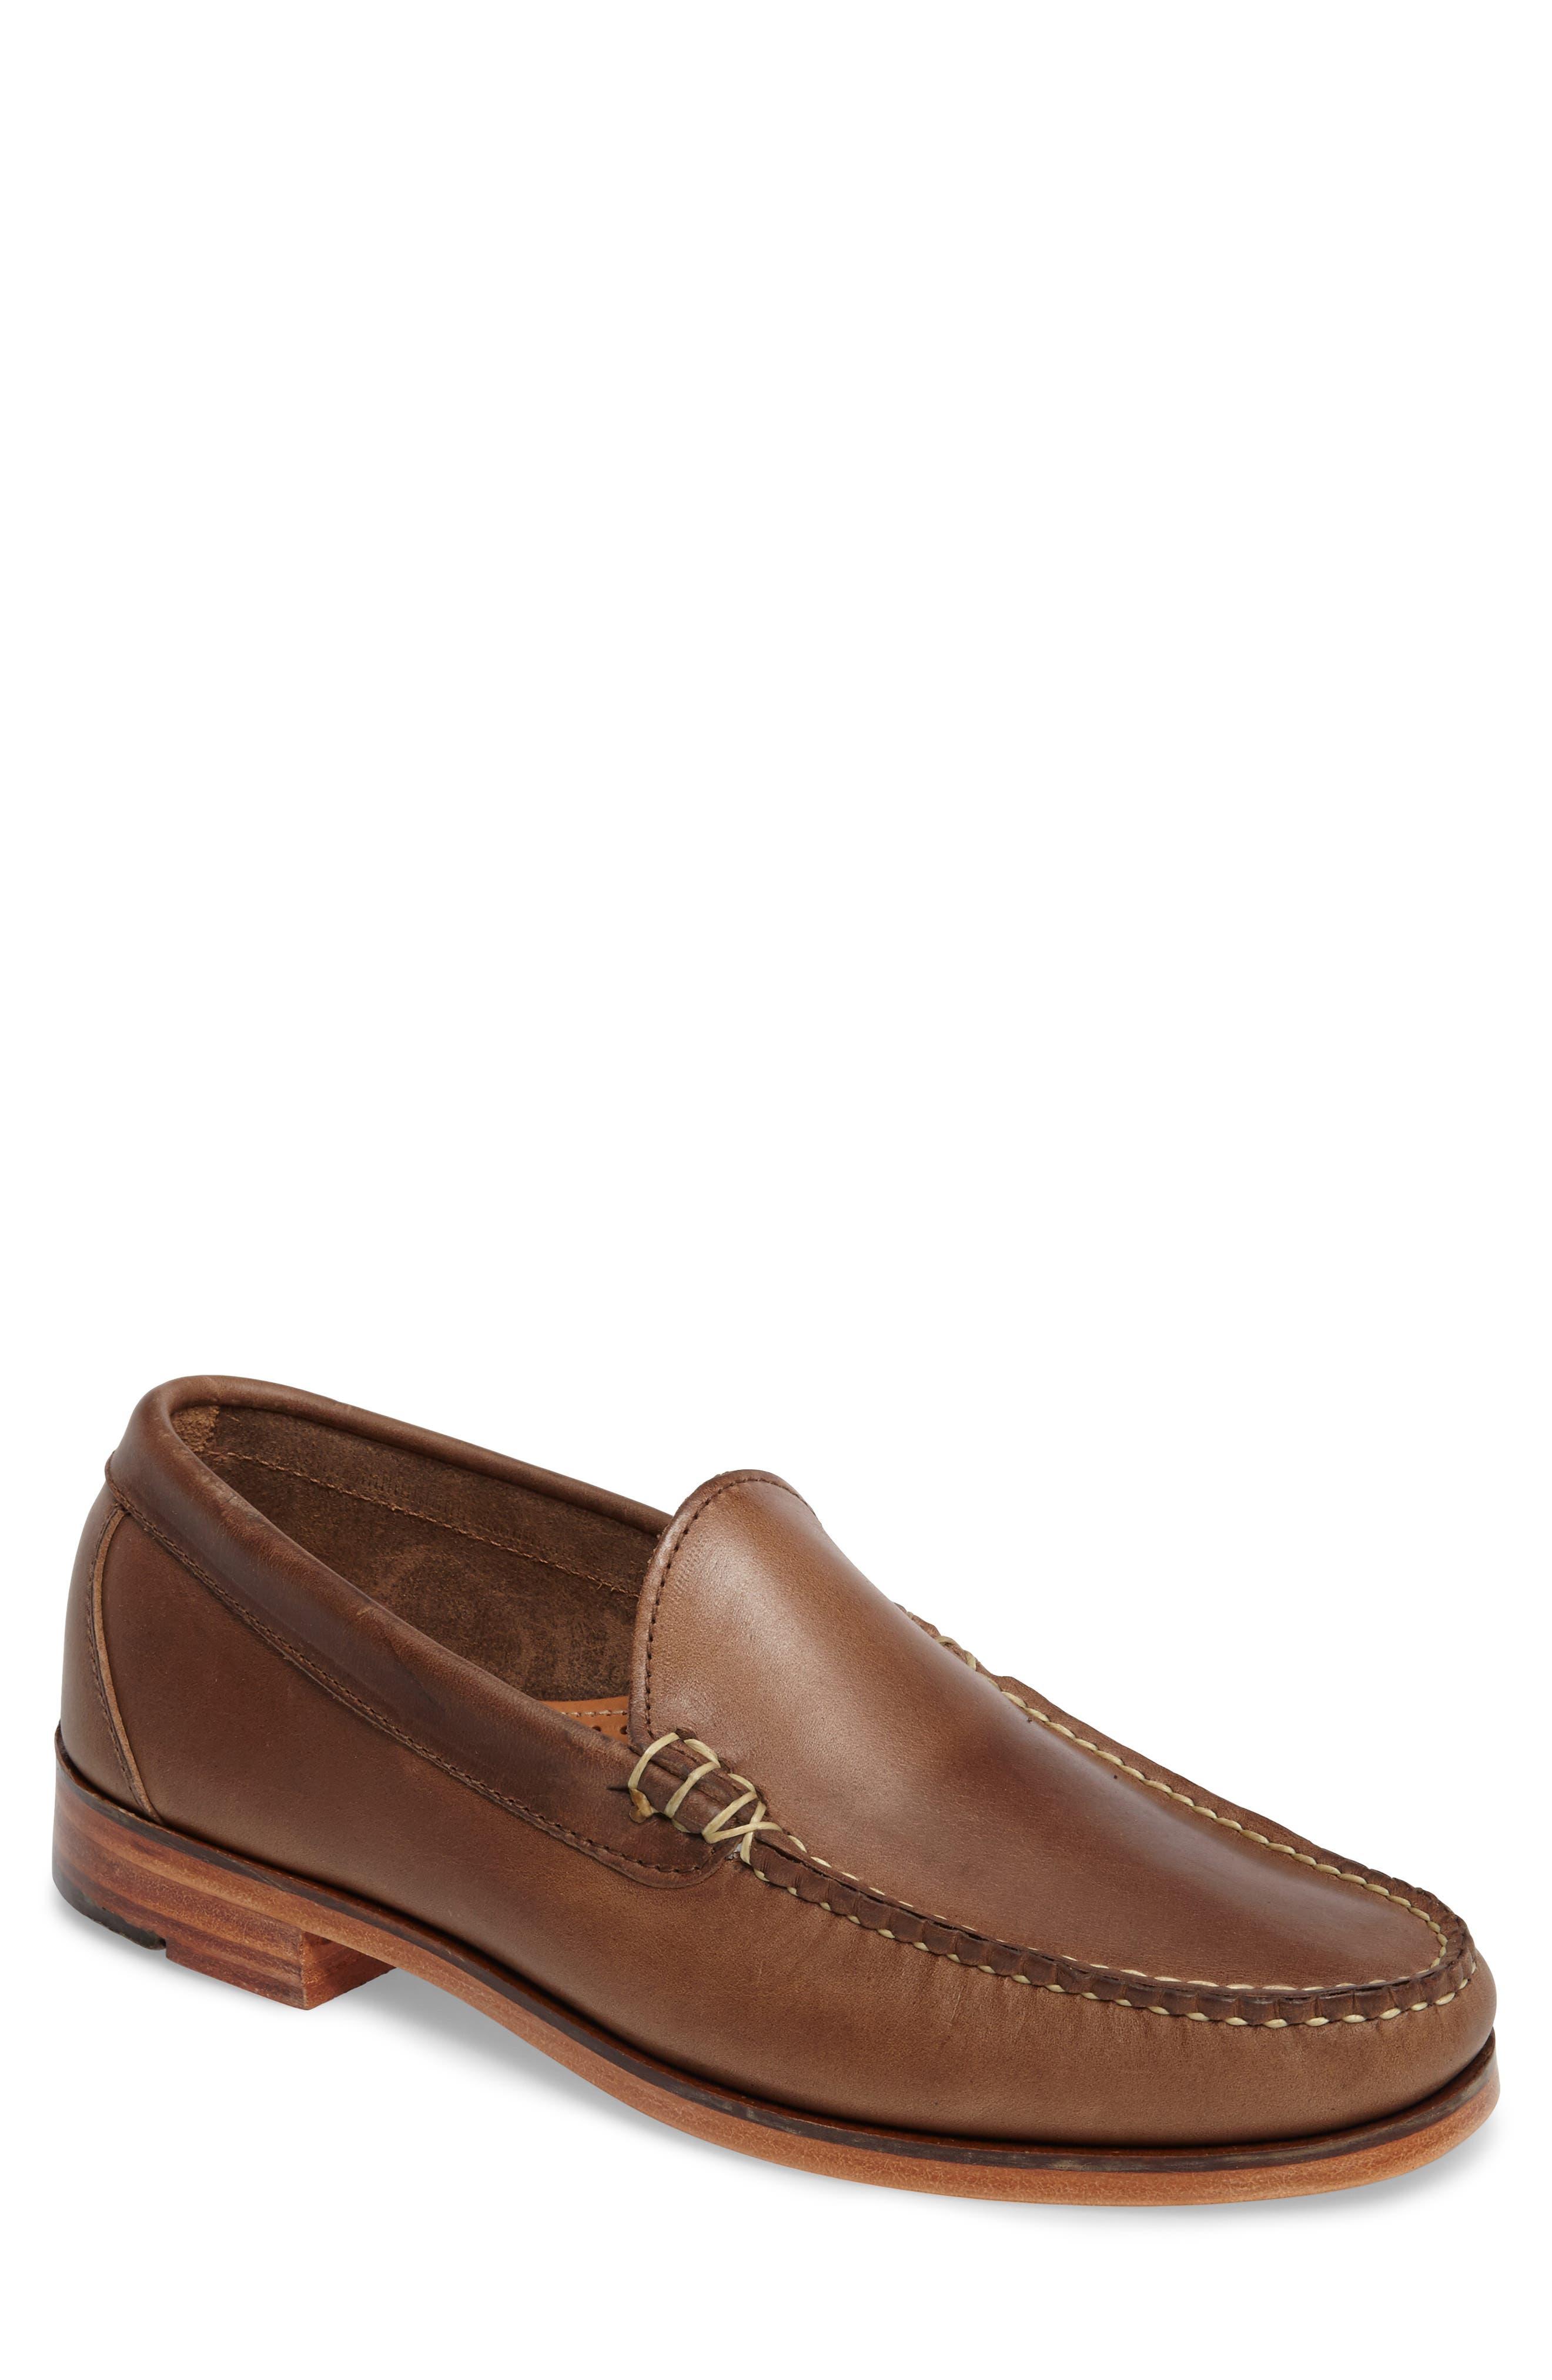 Alternate Image 1 Selected - Oak Street Bootmakers Natural Loafer (Men)